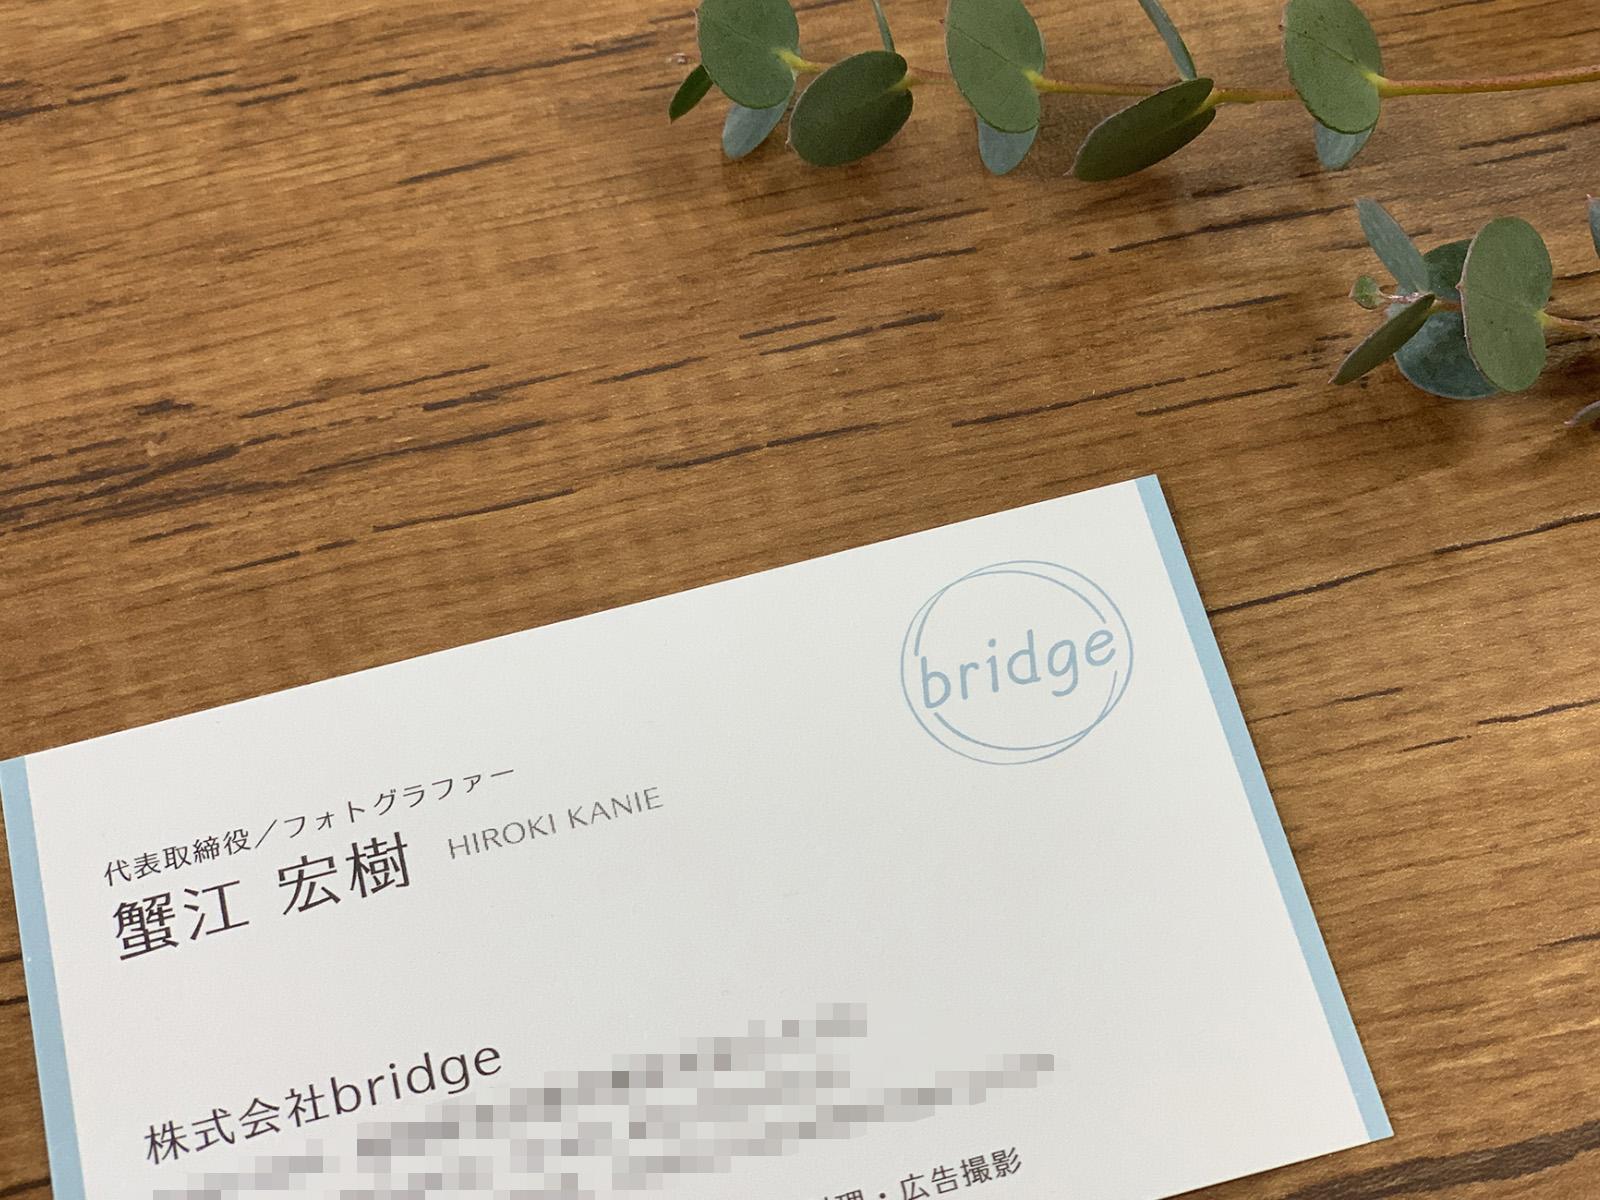 株式会社bridge様/名刺デザイン